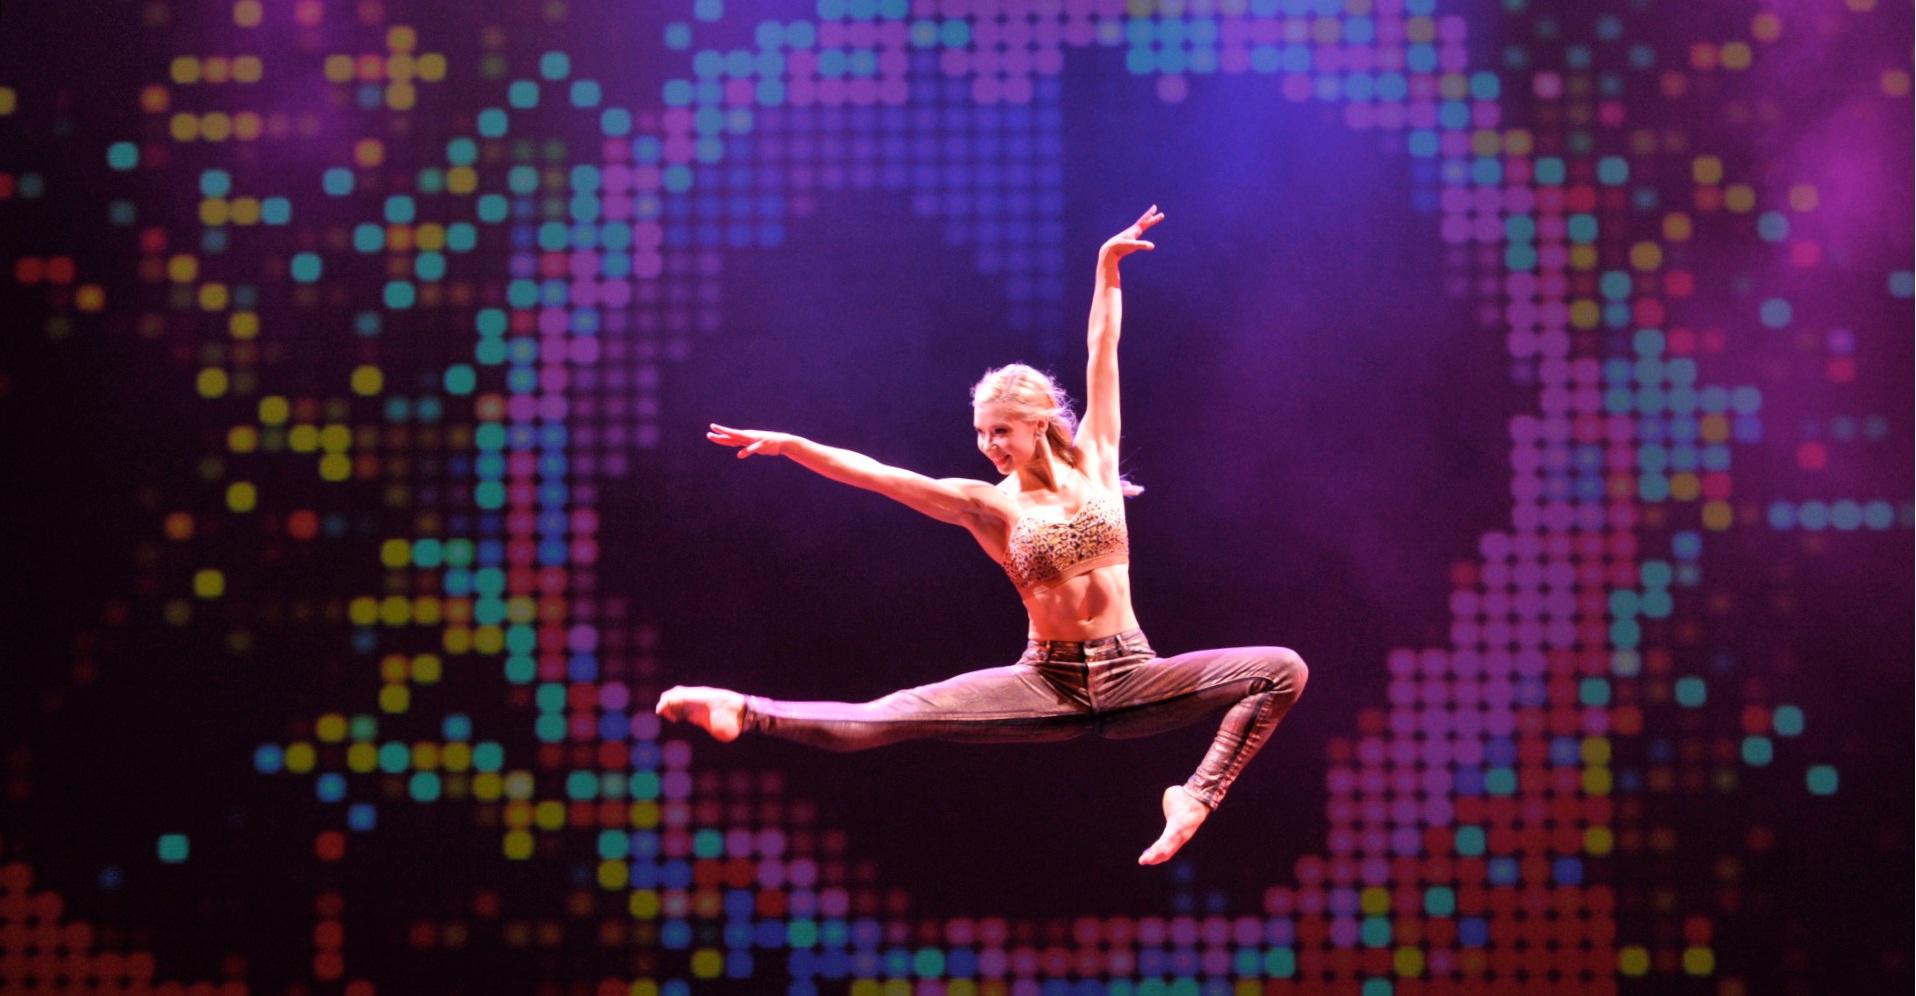 """Populiariojo JAV šou """"Rock The Ballet"""" žvaigždė pirmą kartą šoks protėvių žemėje - Lietuvoje"""